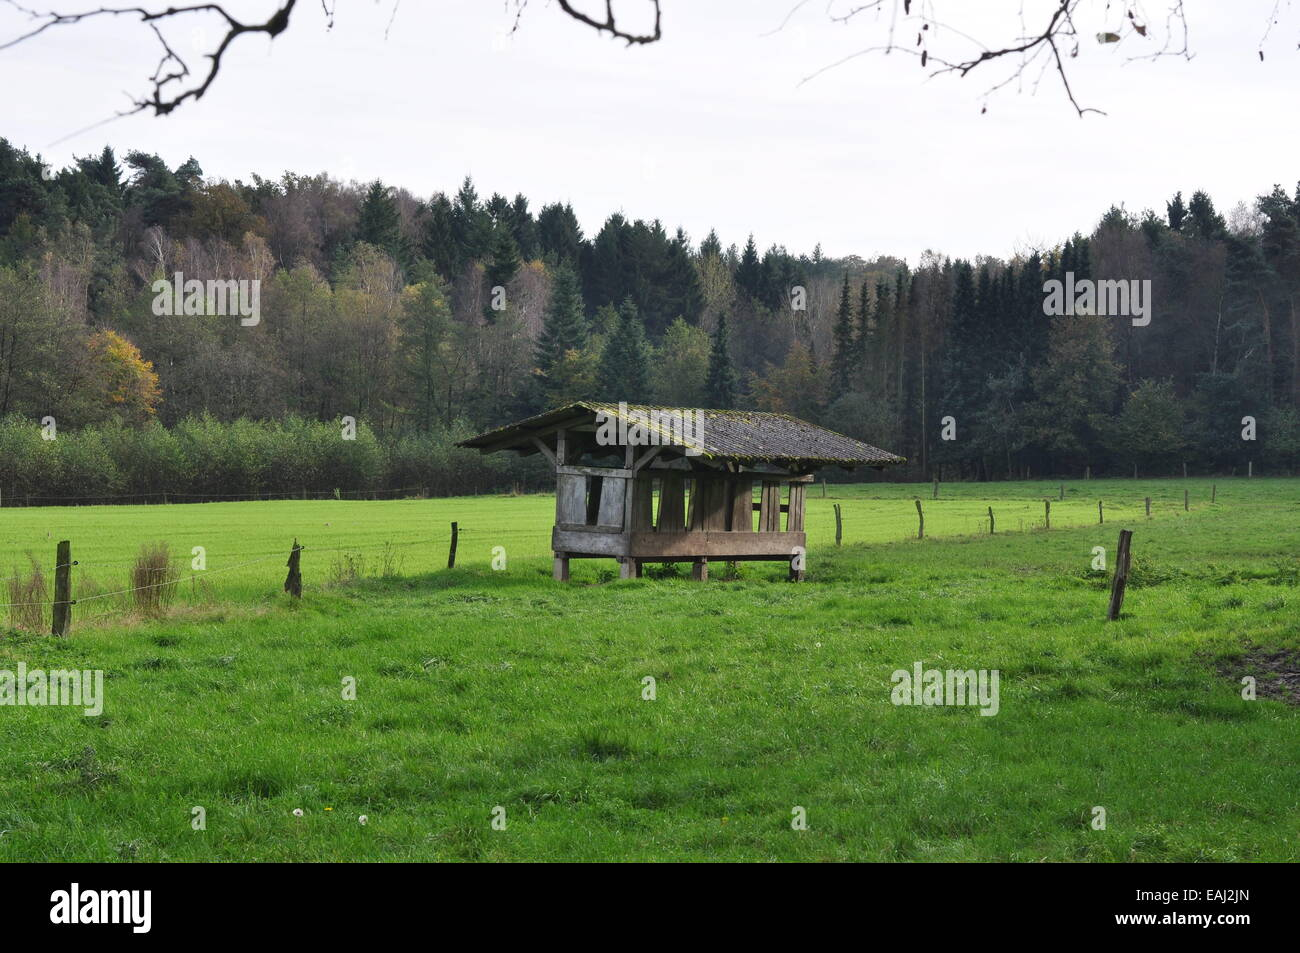 Holzkuh Schuppen in der Mitte eines grünen Rasen Wiese Grasland Natur reservieren Maiburg Bippen Niedersachsen Stockbild